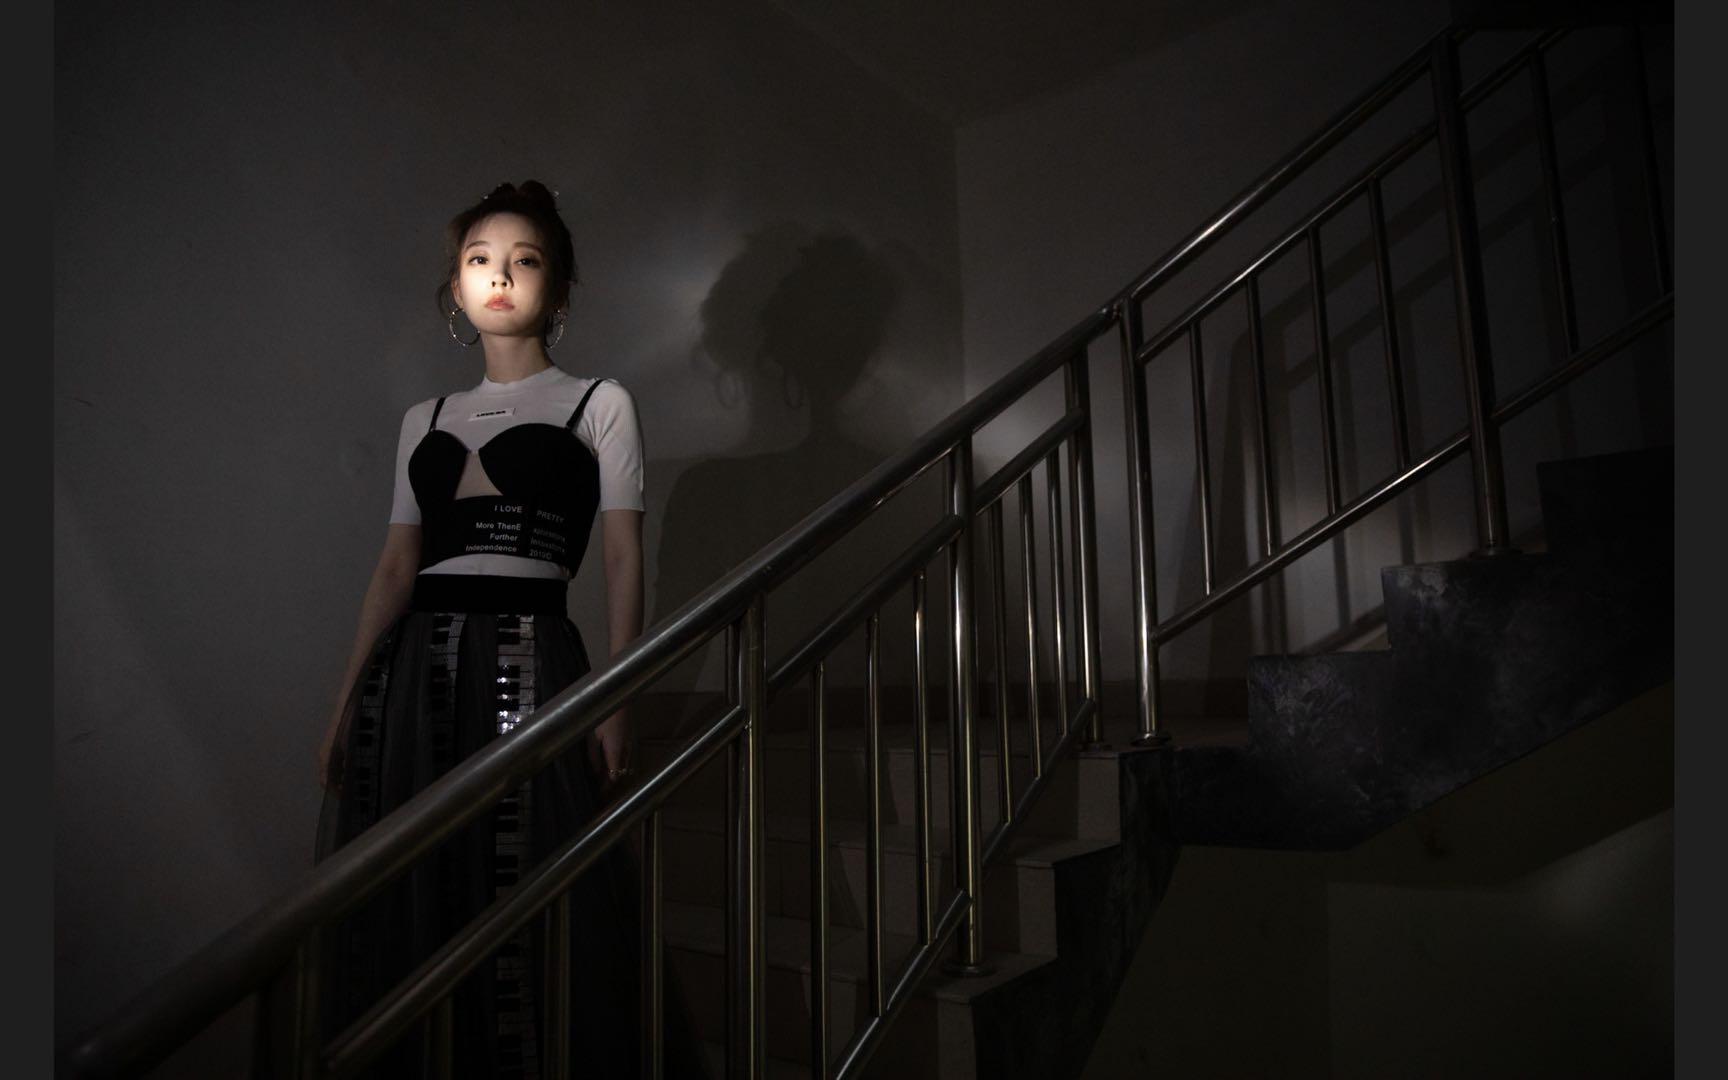 冯提莫黑白键钢琴裙亮相音乐盛典.jpg